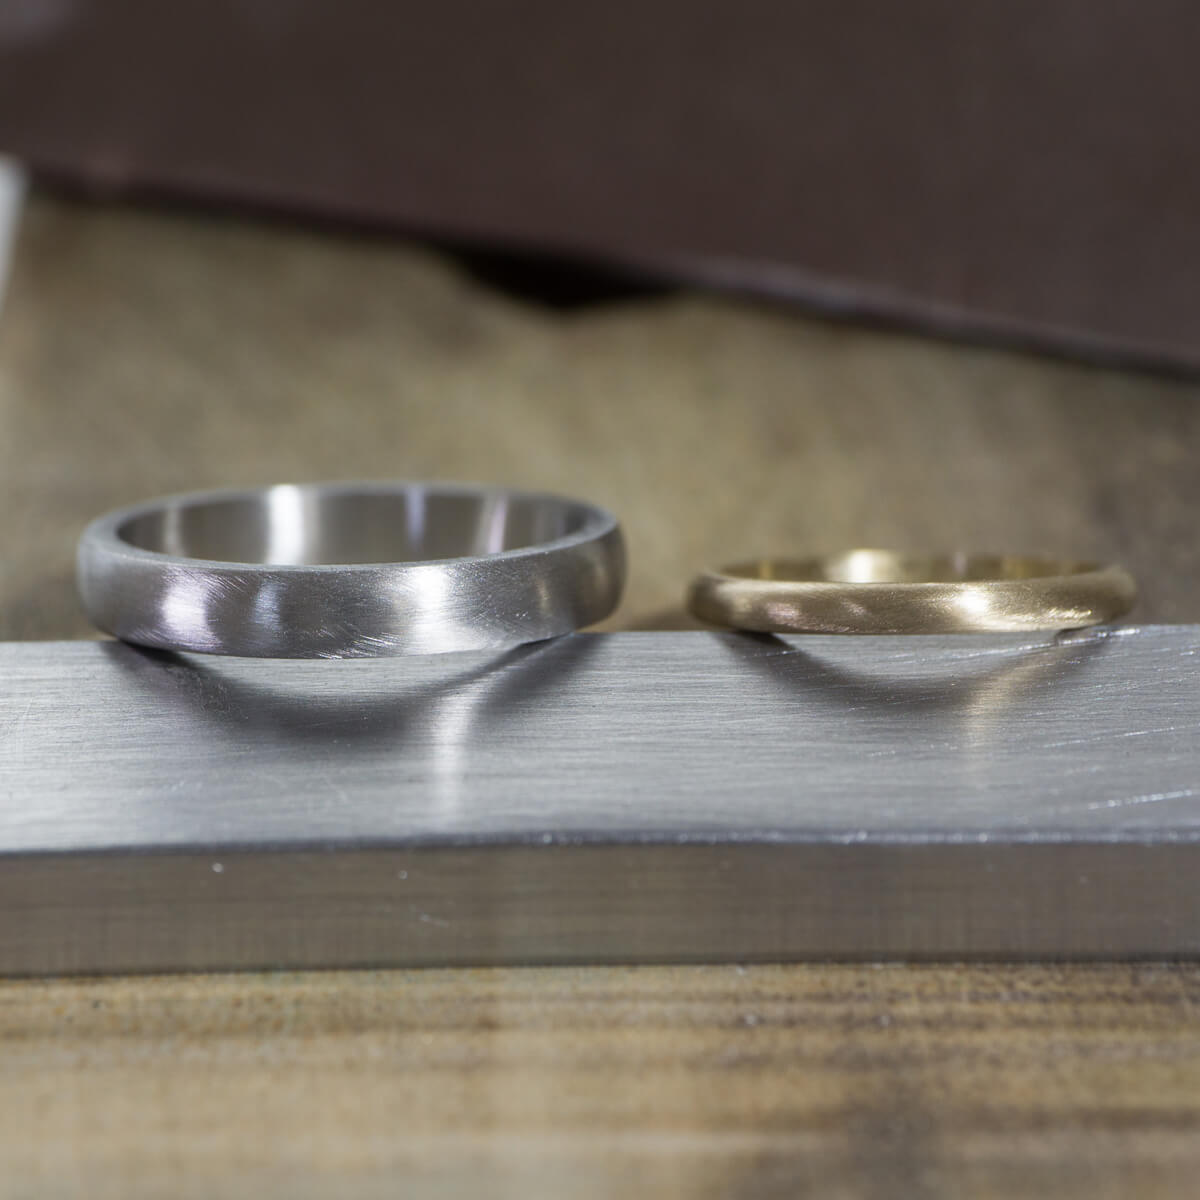 場面4 オーダーメイド結婚指輪の制作風景 ジュエリーのアトリエに指輪 ゴールド、プラチナ 屋久島でつくる結婚指輪